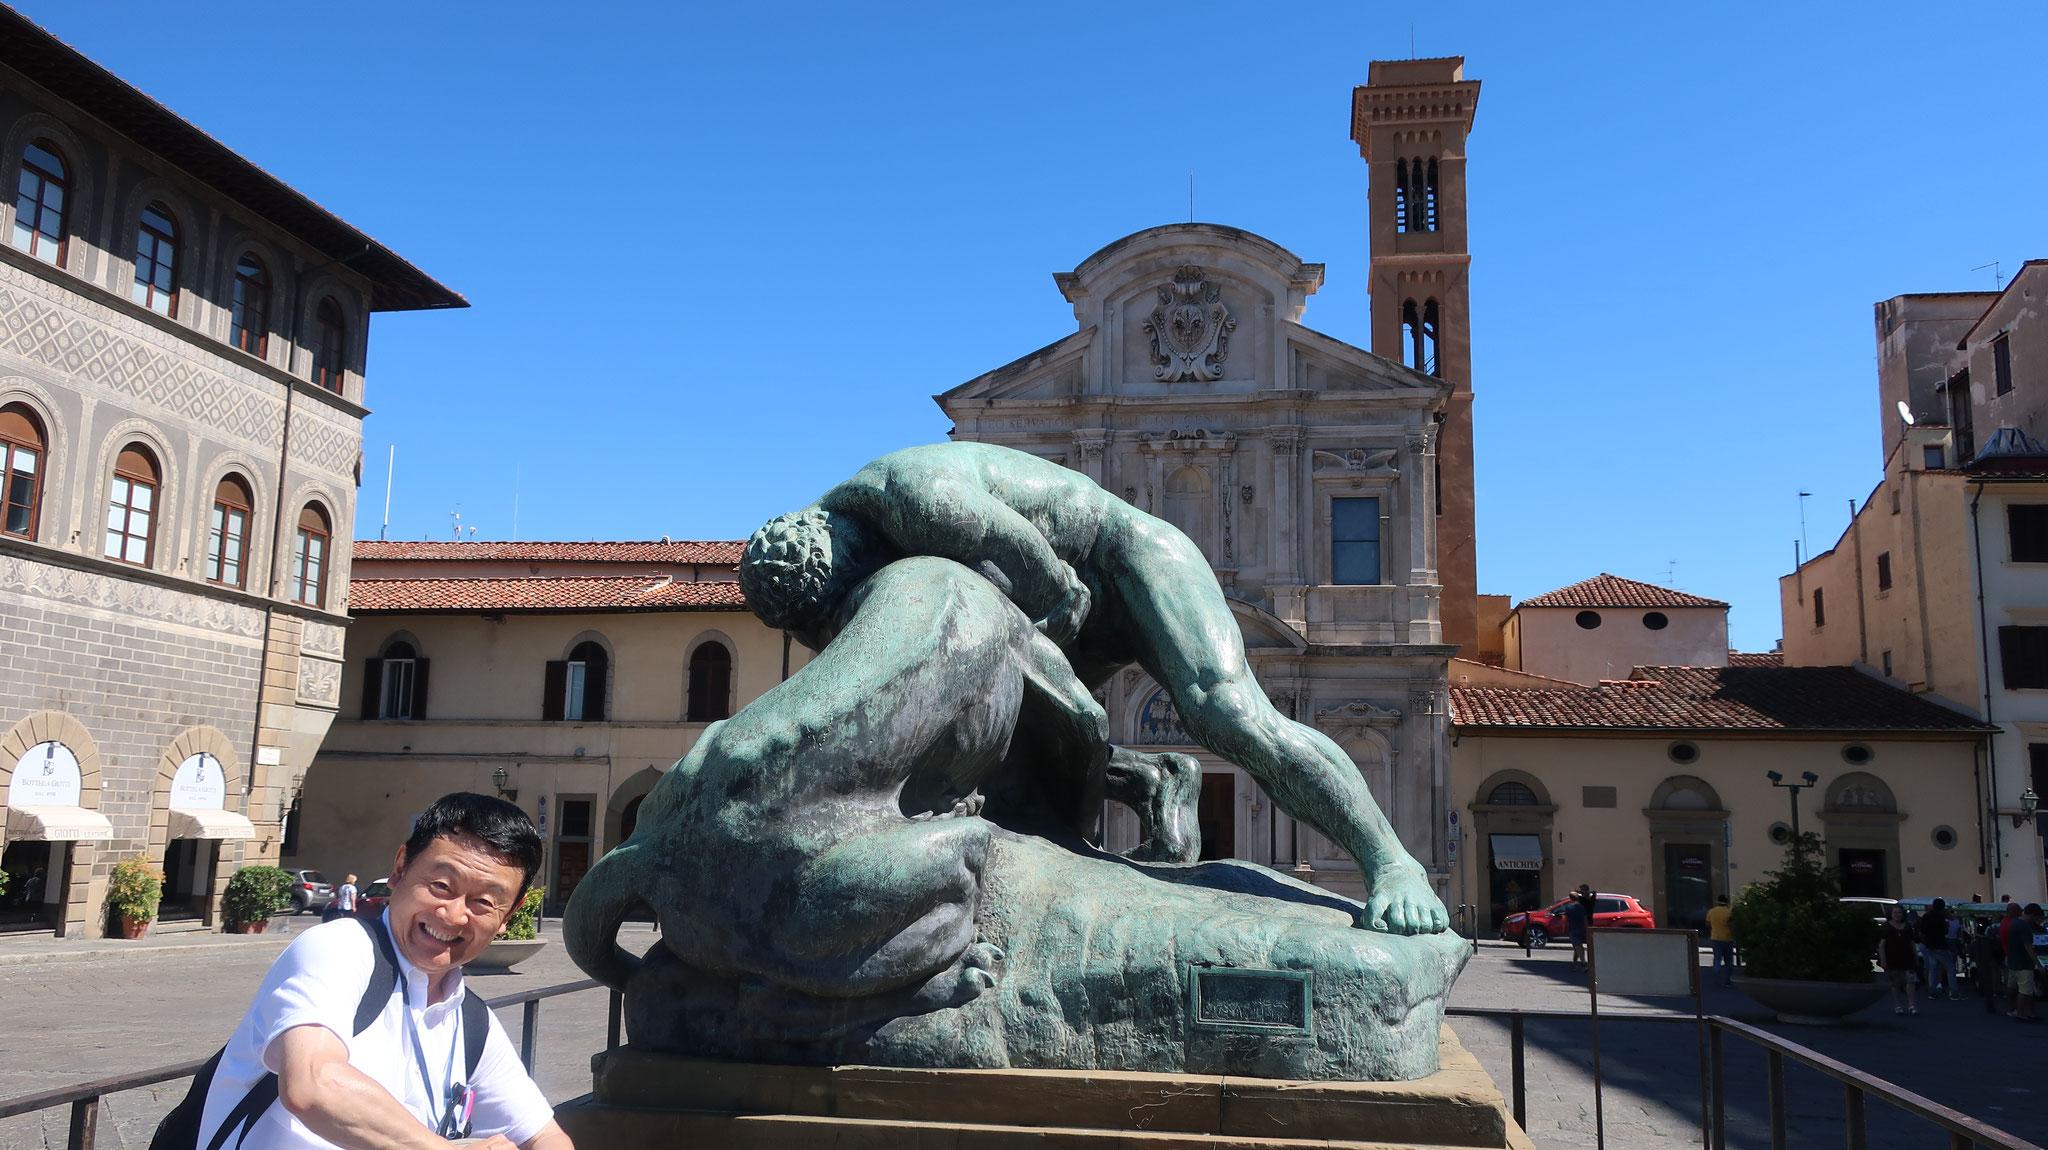 オーニッサンティ教会と「ヘラクレスの獅子退治」像。 ヘラクレスがライオンの首を締めつけ倒したというギリシャ神話に基づきます。